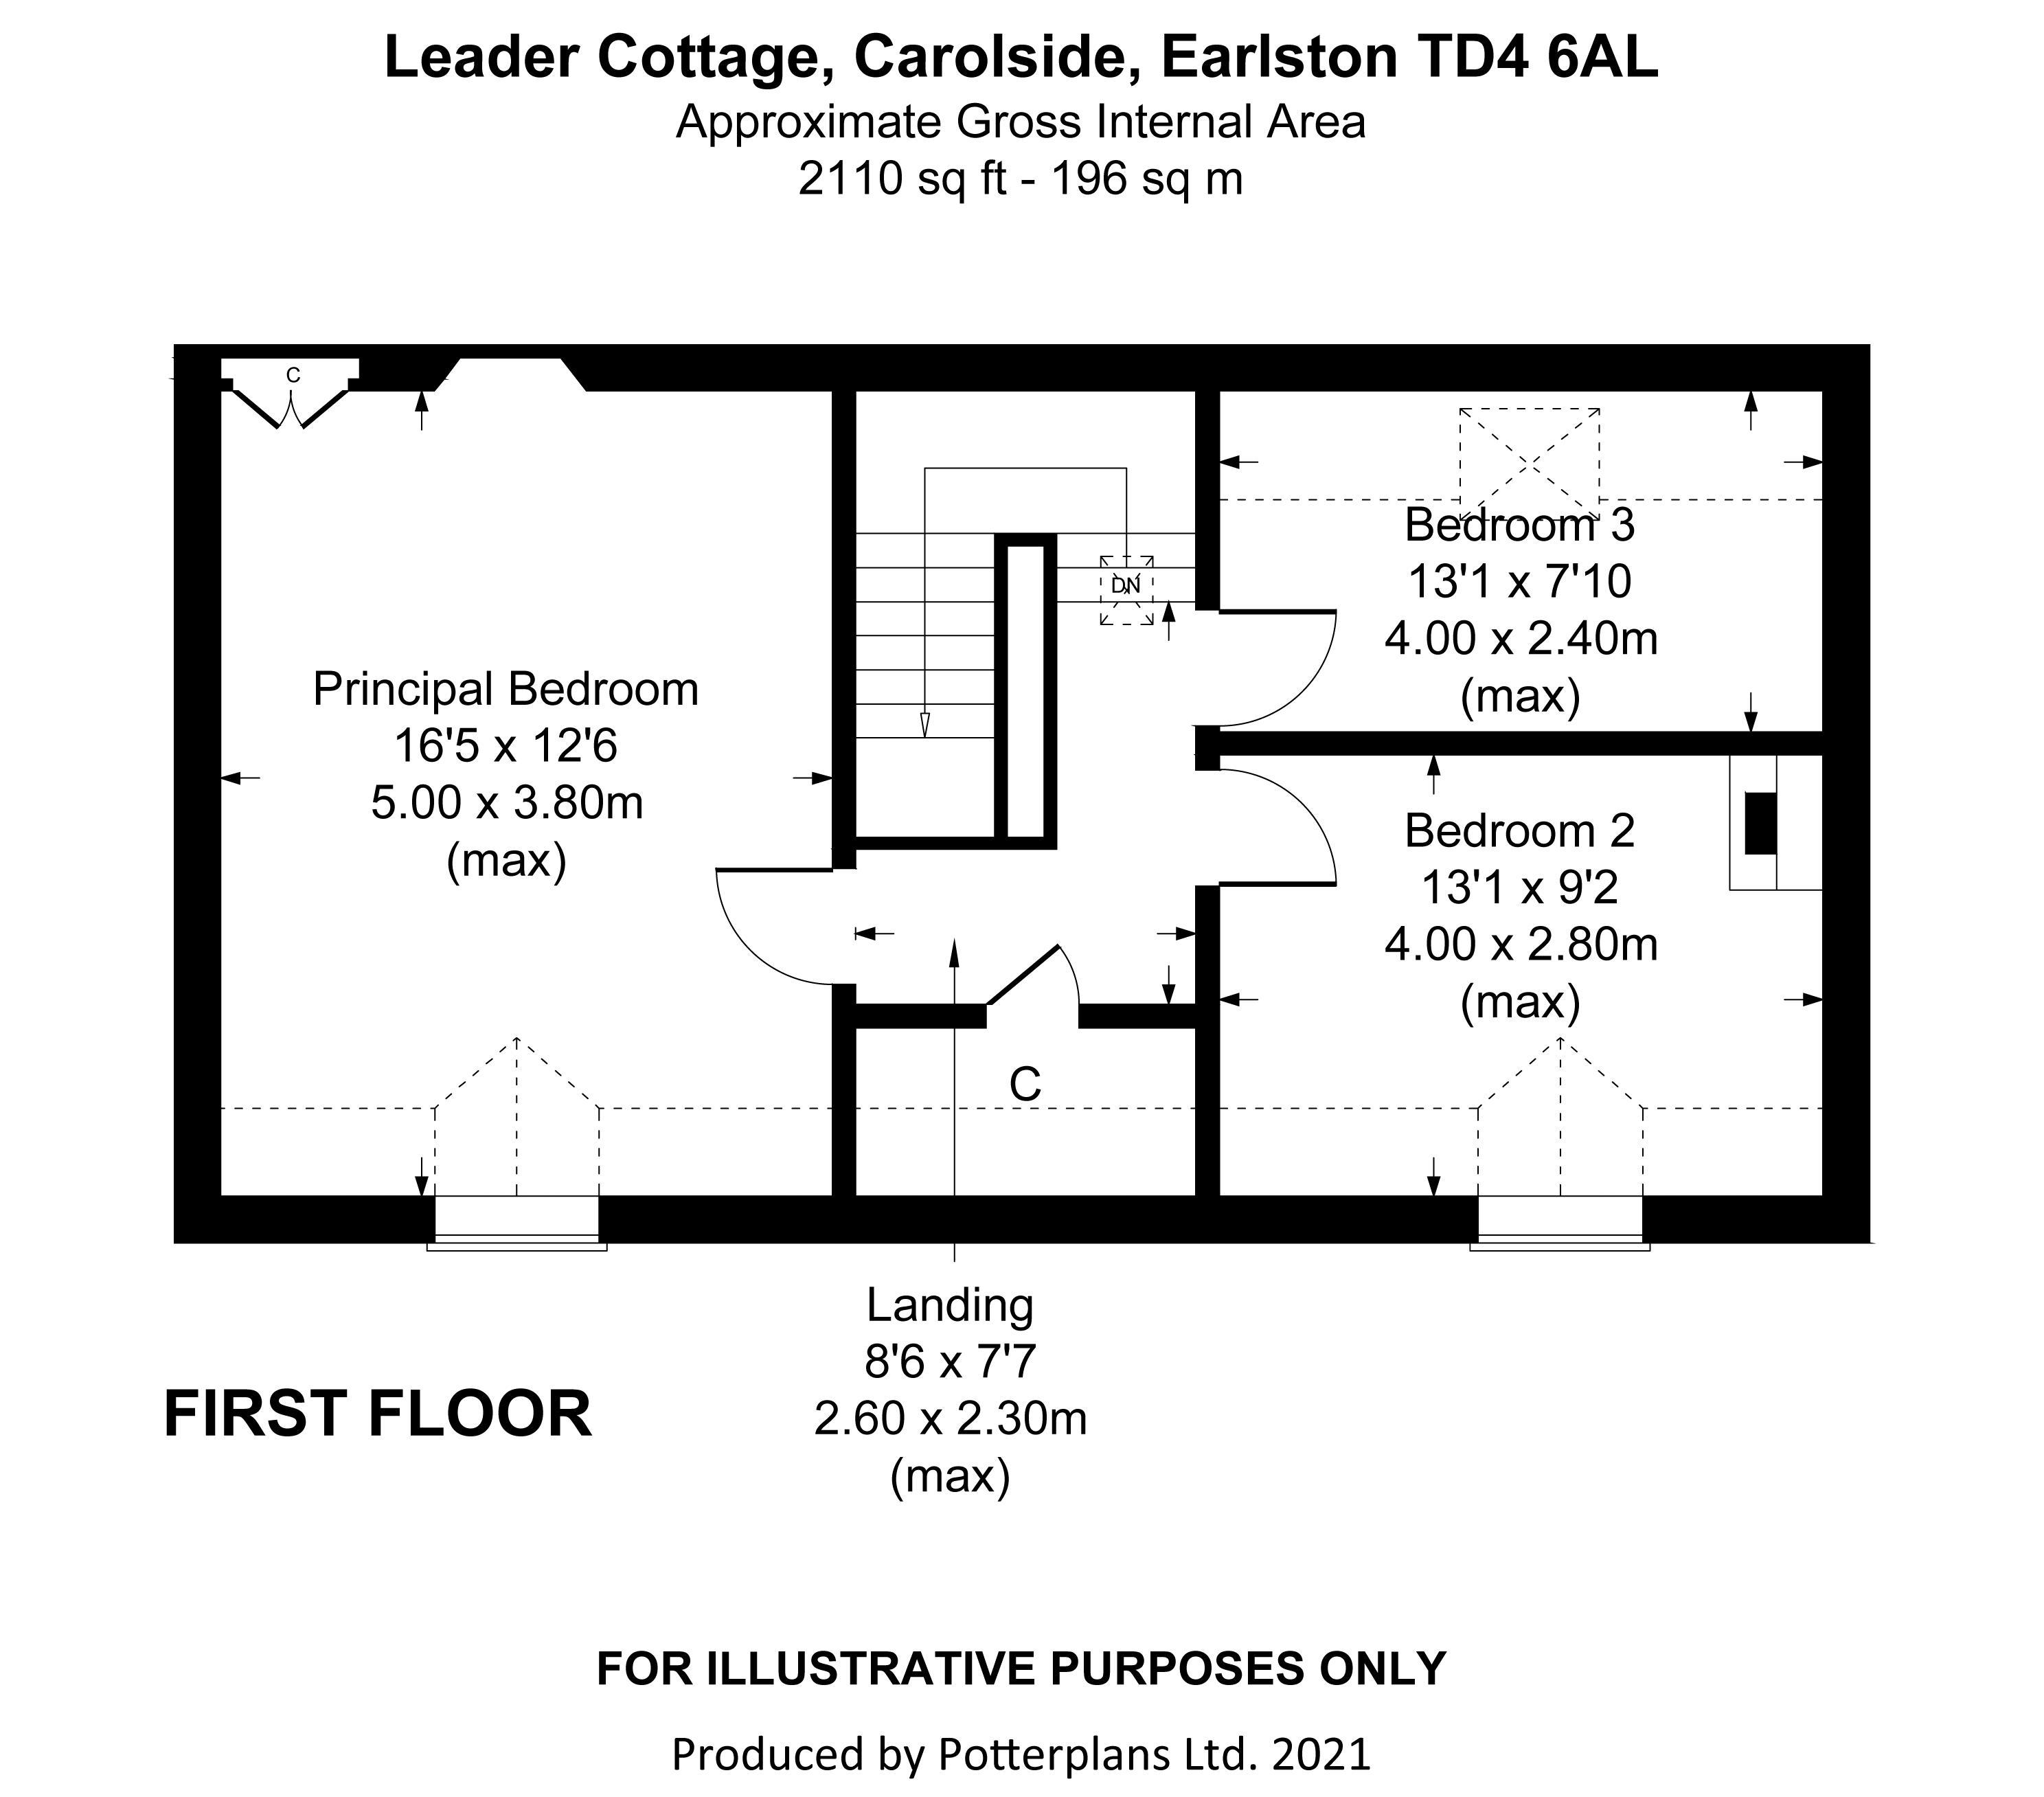 Leader Cottage First Floor